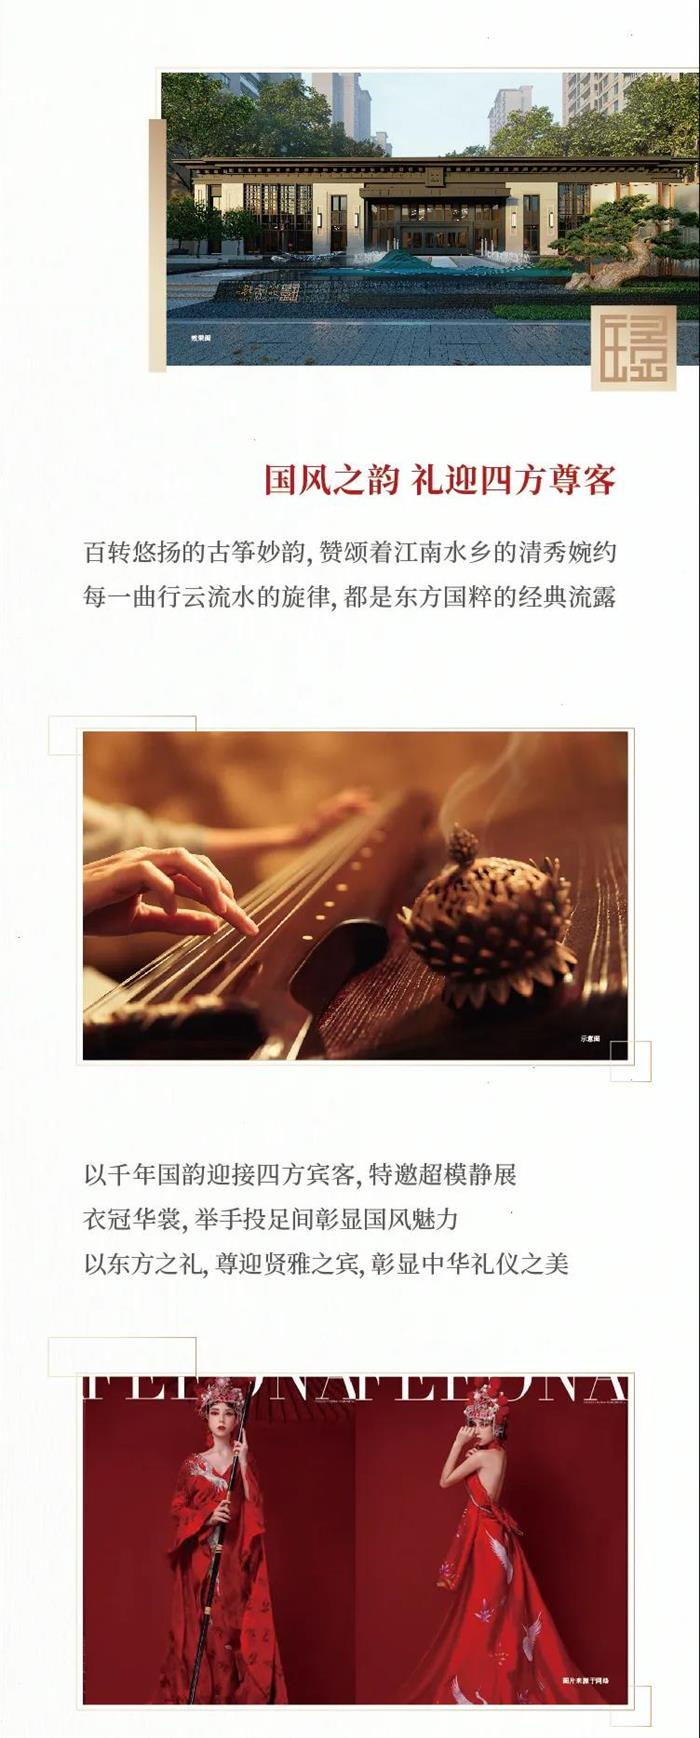 璟耀东方|常熟首个国粹美学示范区,即将震撼启幕!